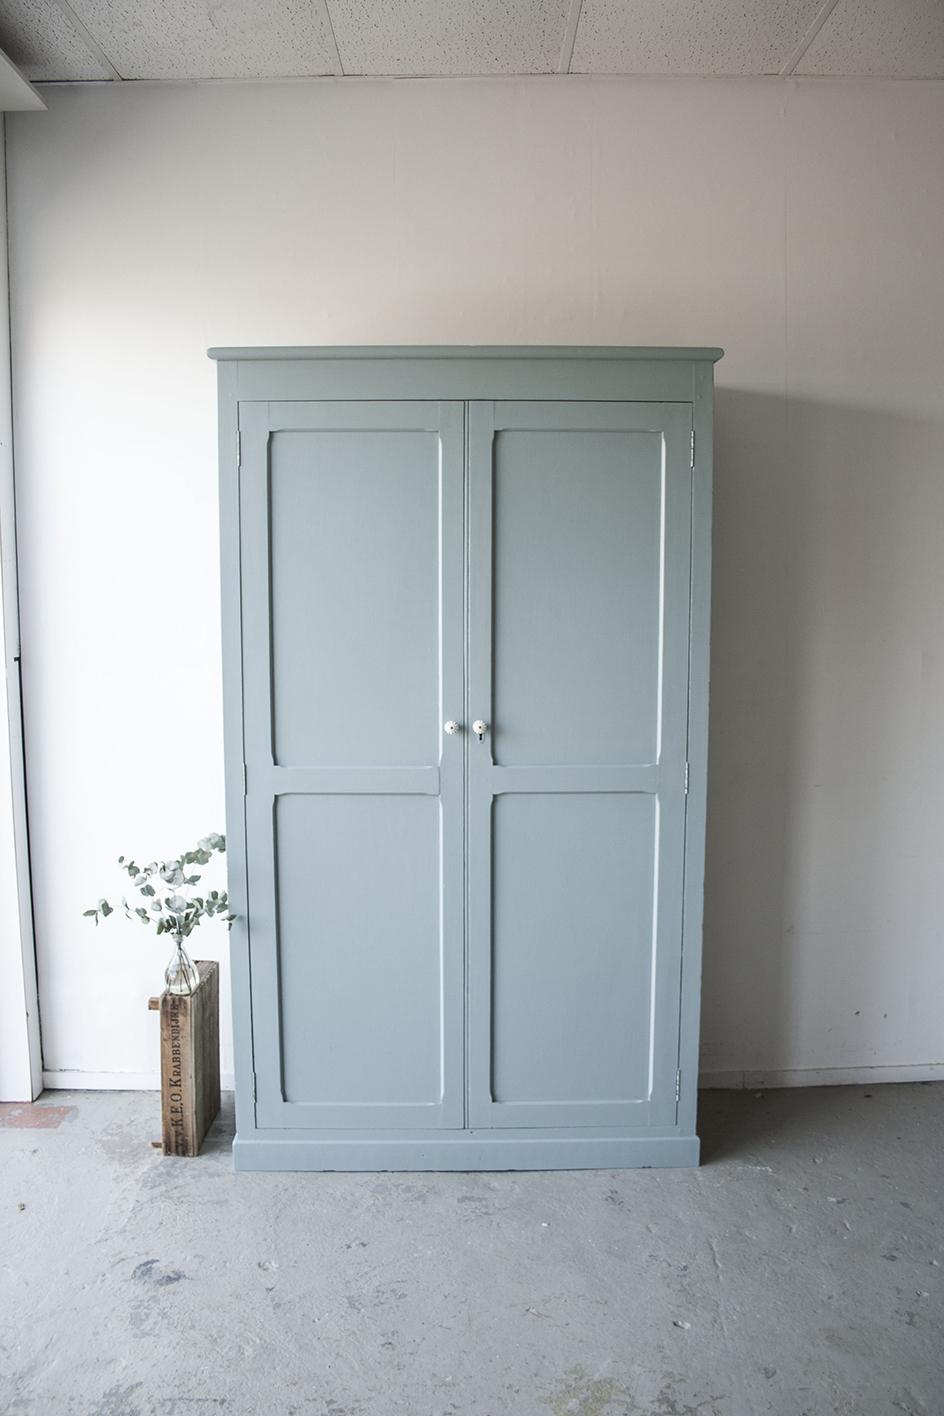 grijsblauwe grote kledingkast !- Firma zoethout_7.jpg